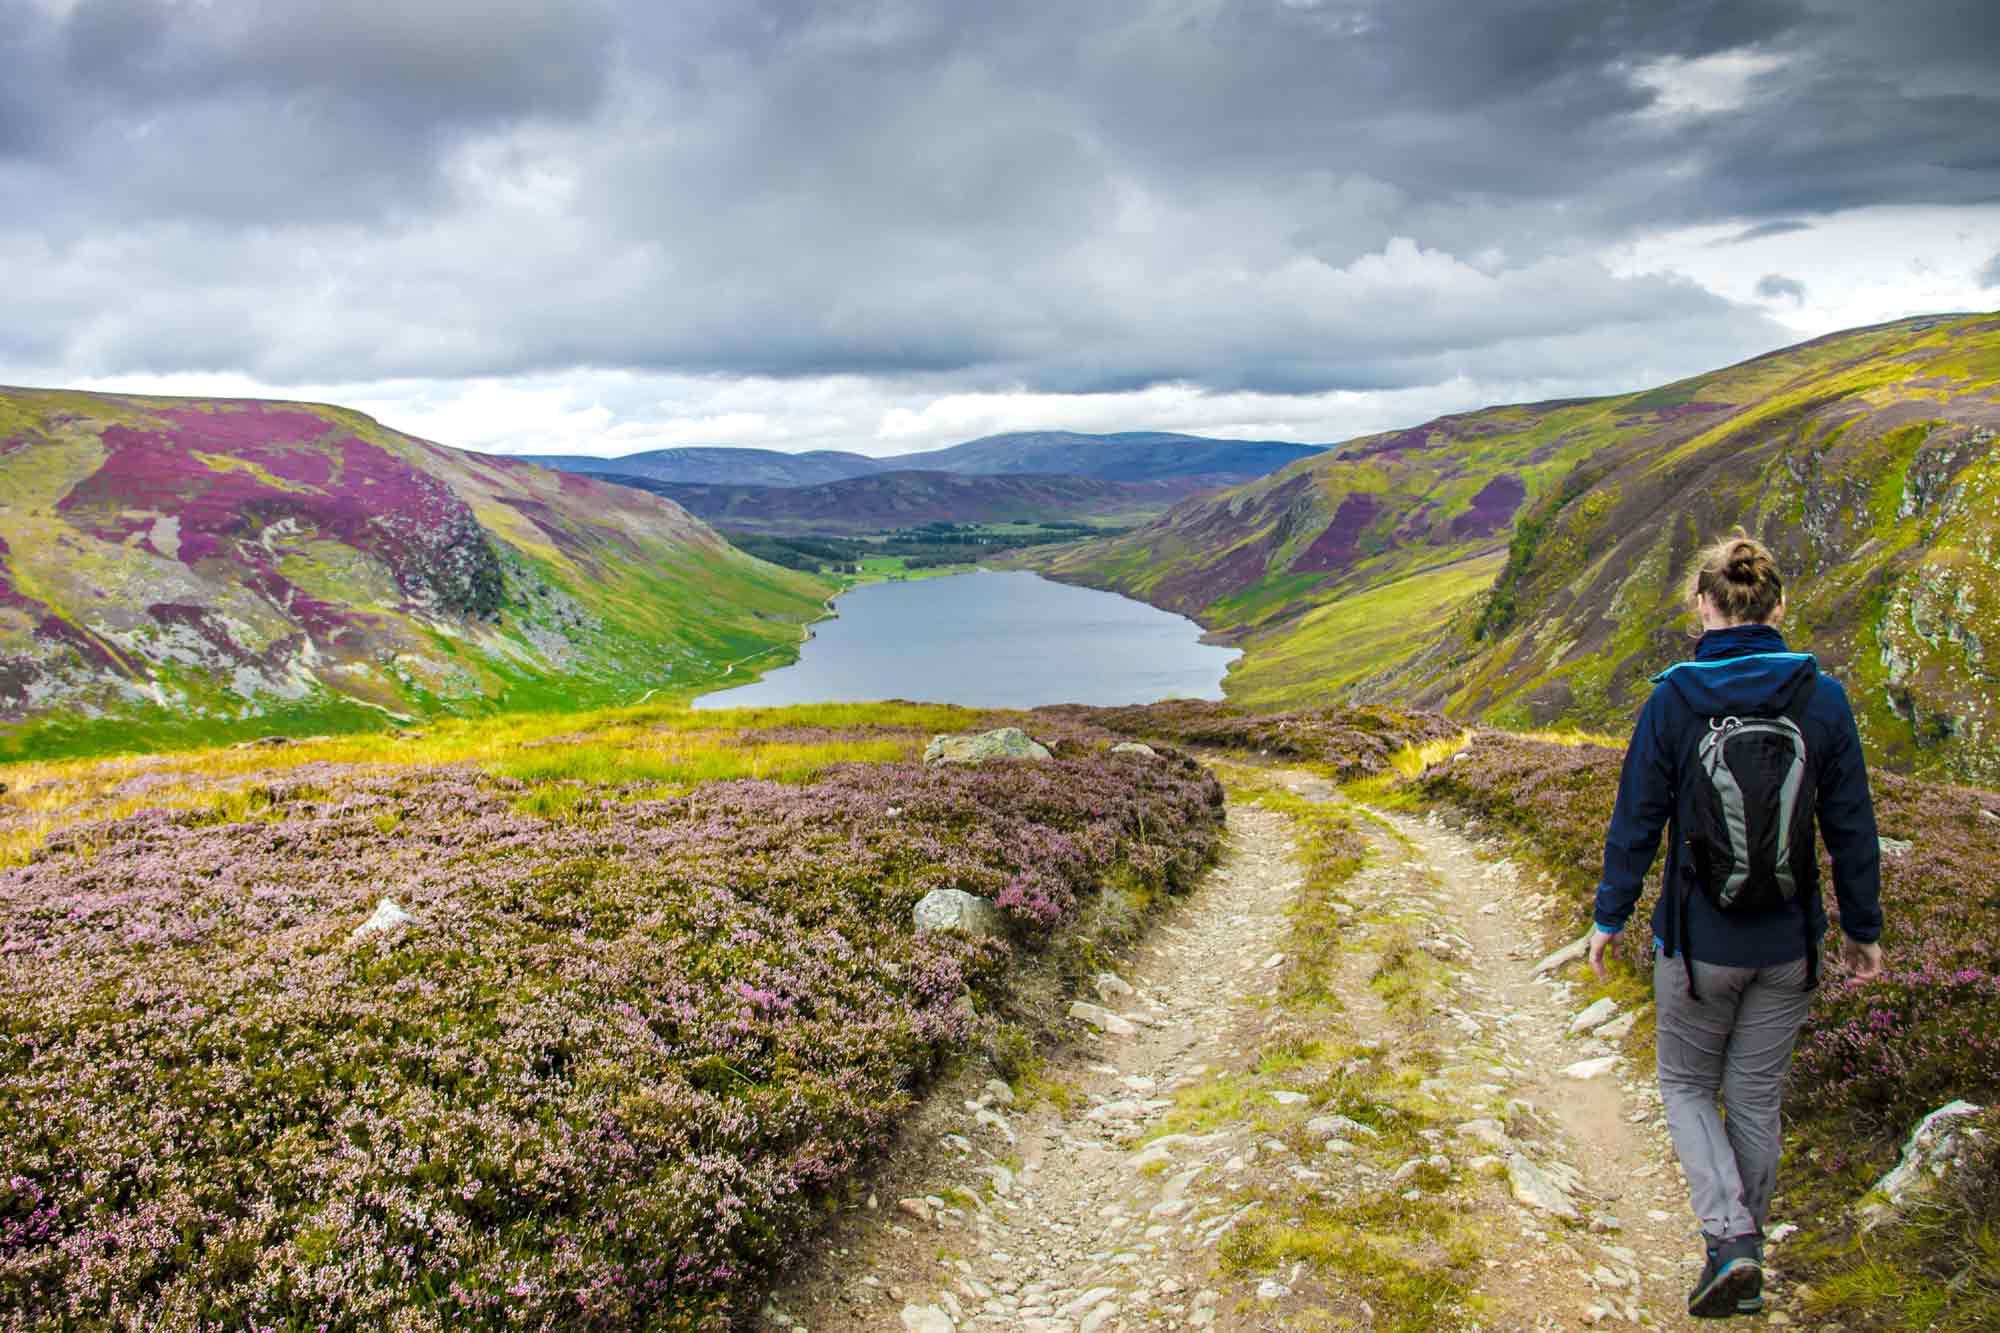 cairngorms-national-park-britain-s-most-expansive-park-secret-world